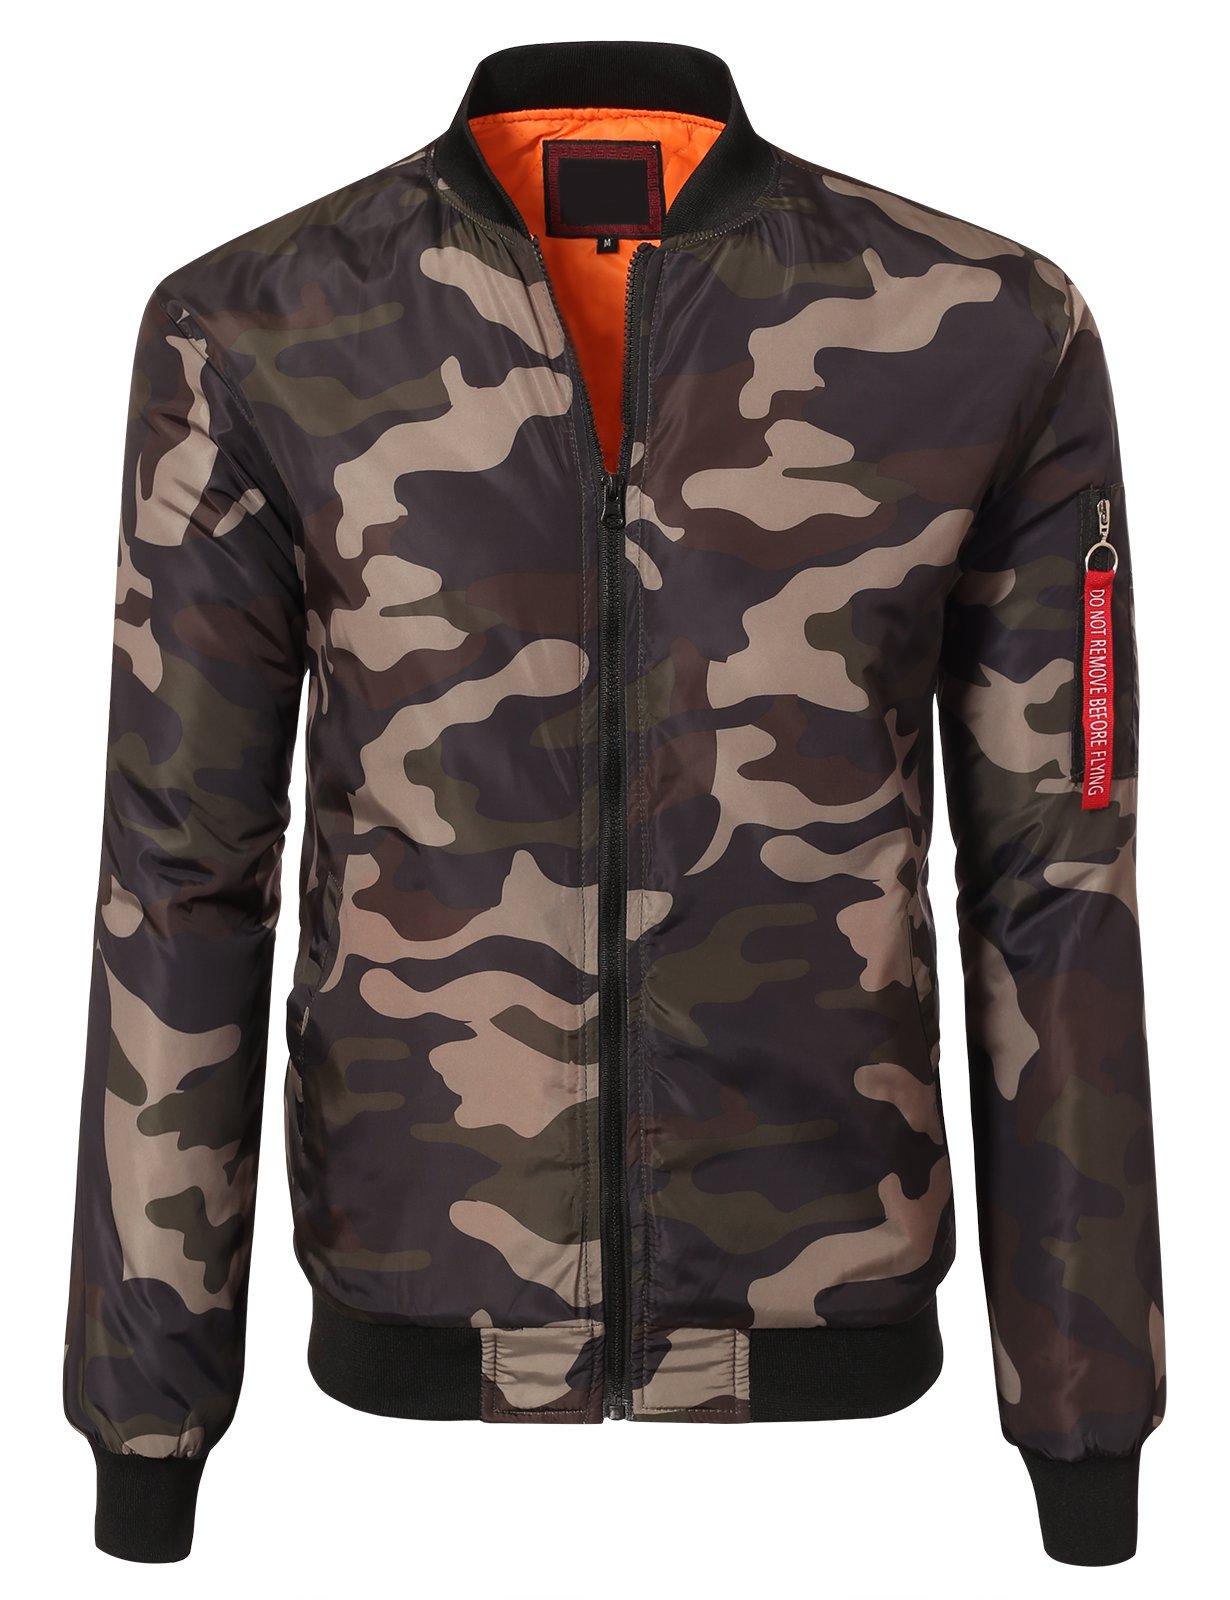 JD Apparel Men's Lightweight Slim Fit Bomber Jackets Large Olive Camoflauge by JD Apparel